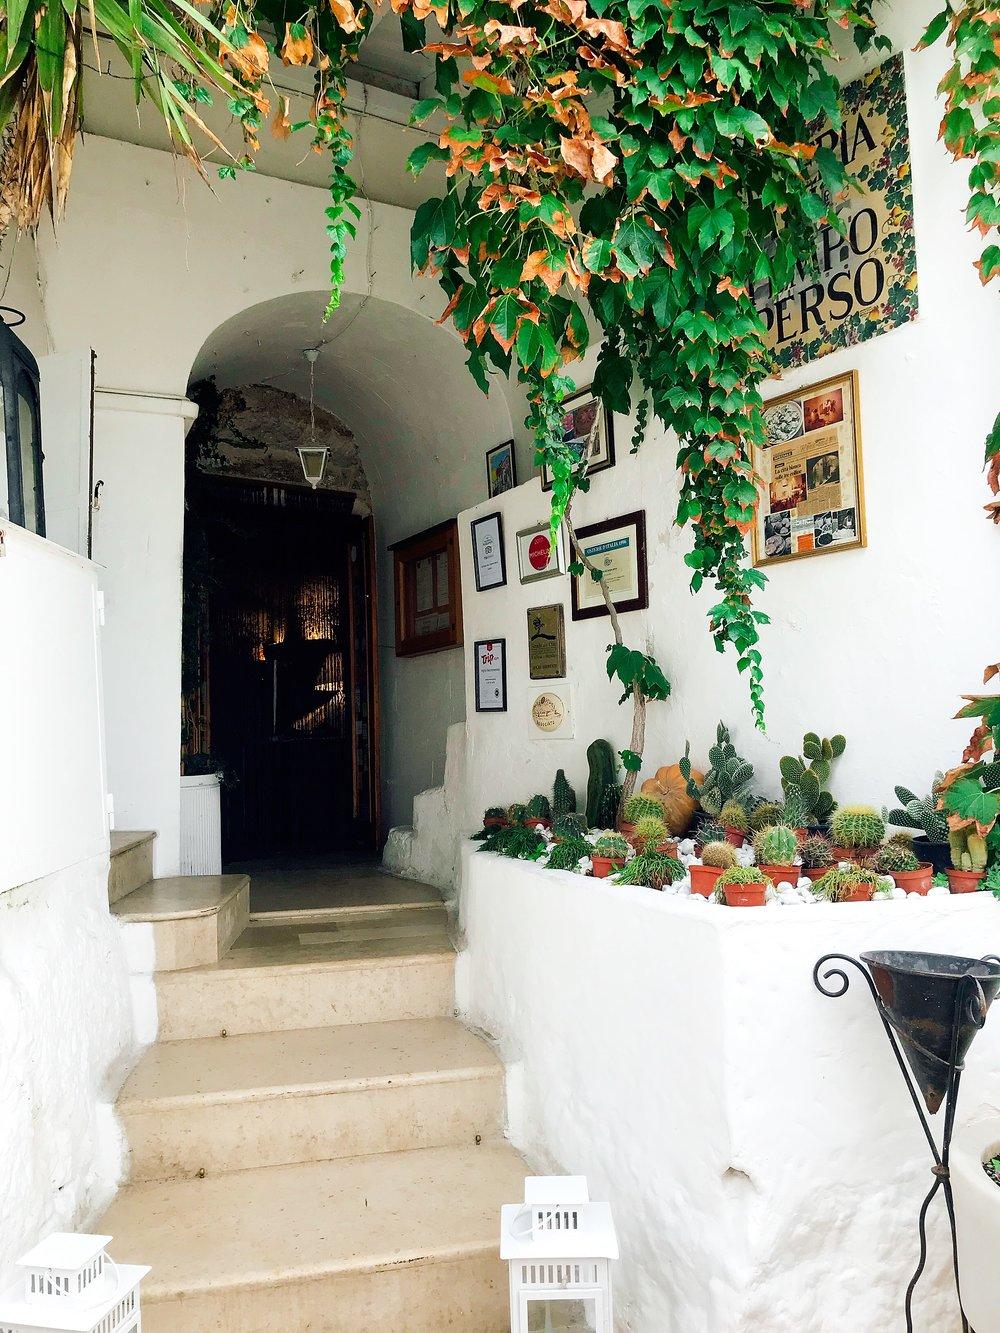 The Darling Entrance Of Osteria Del Tempo Perso